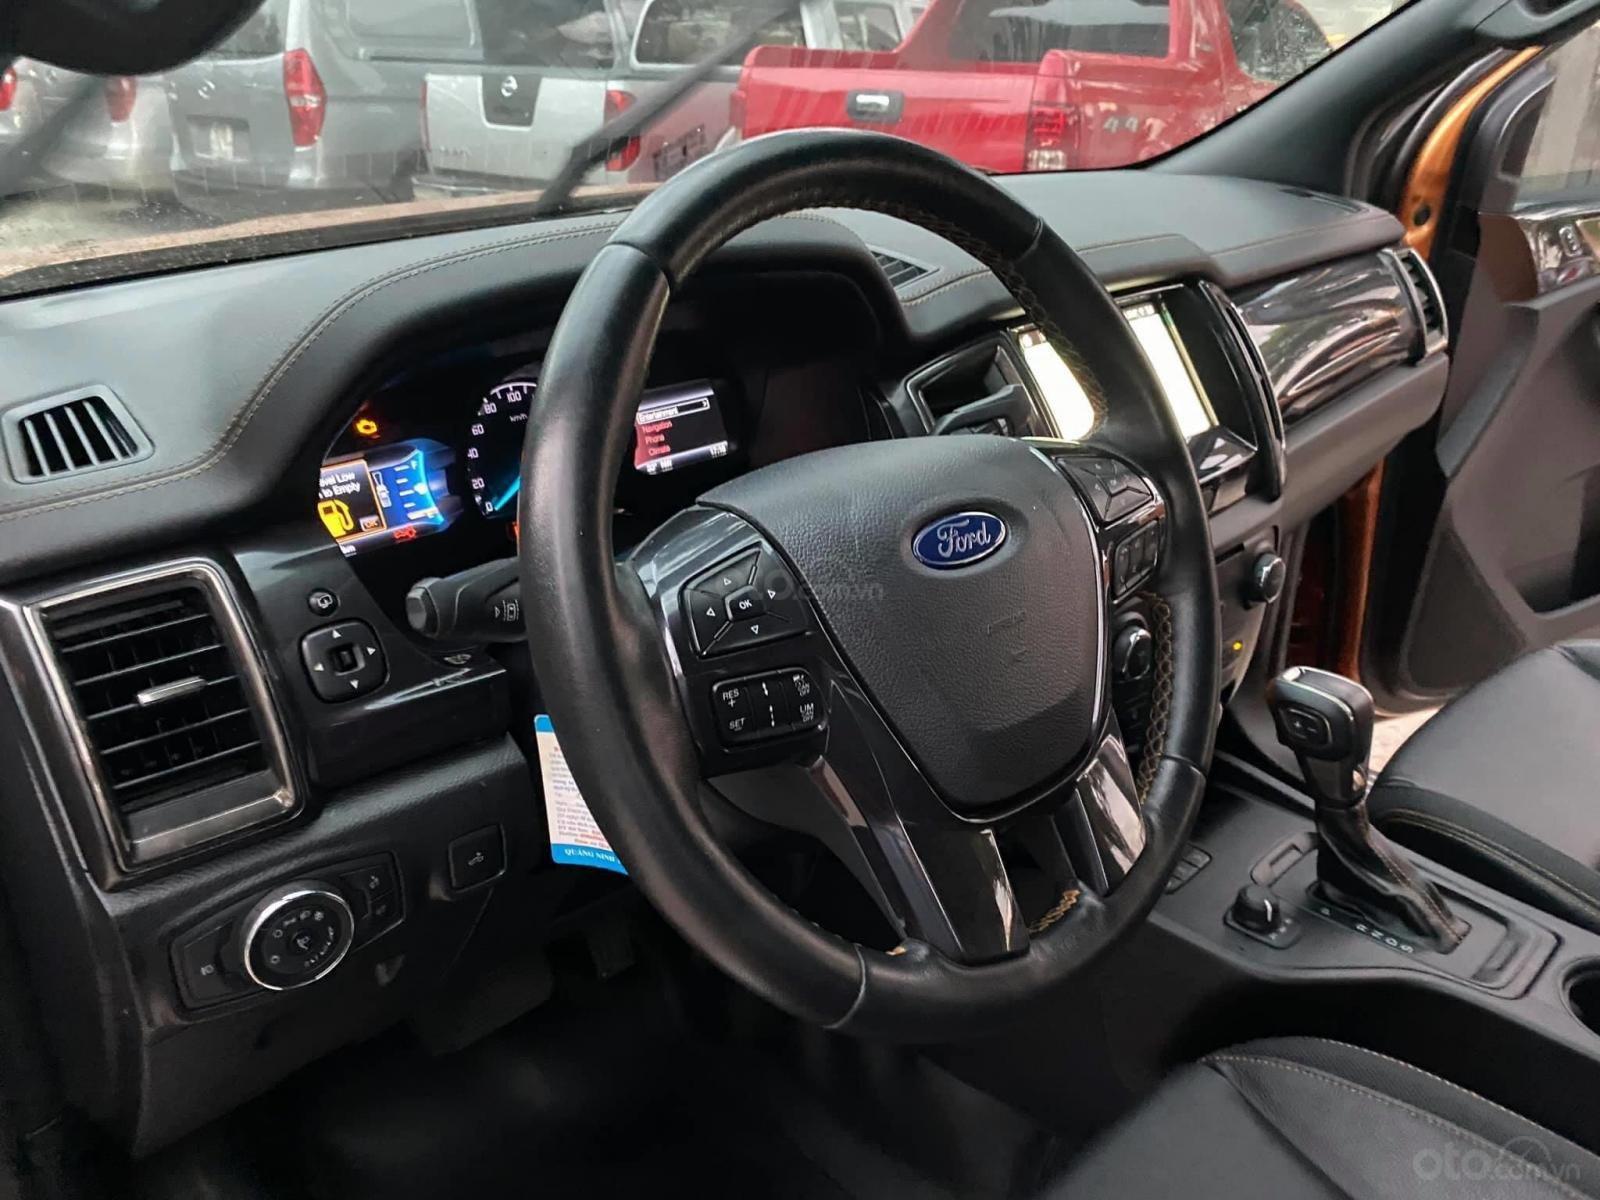 Bán xe Ford Ranger 2.0 Biturbo đời 2018, bản 2 cầu, số tự động (15)